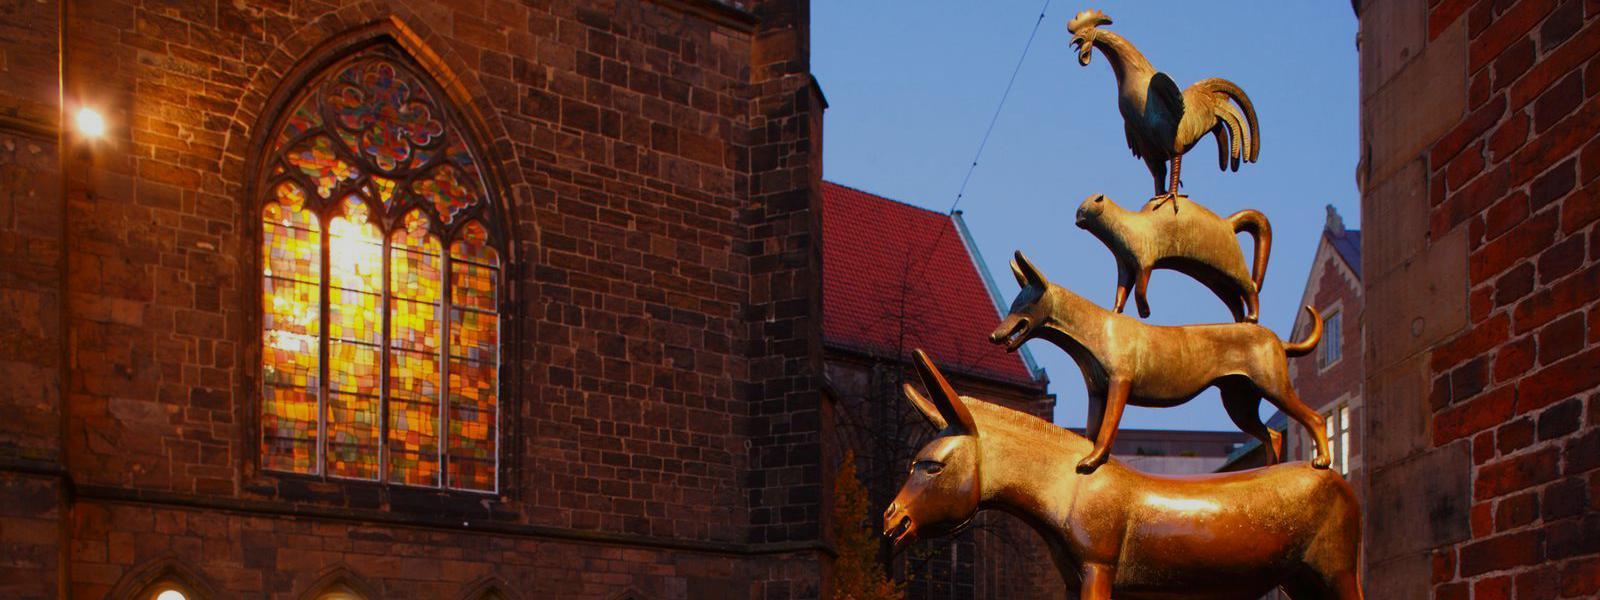 De ezel, de hond, de kat en de haan zijn het symbool van Bremen